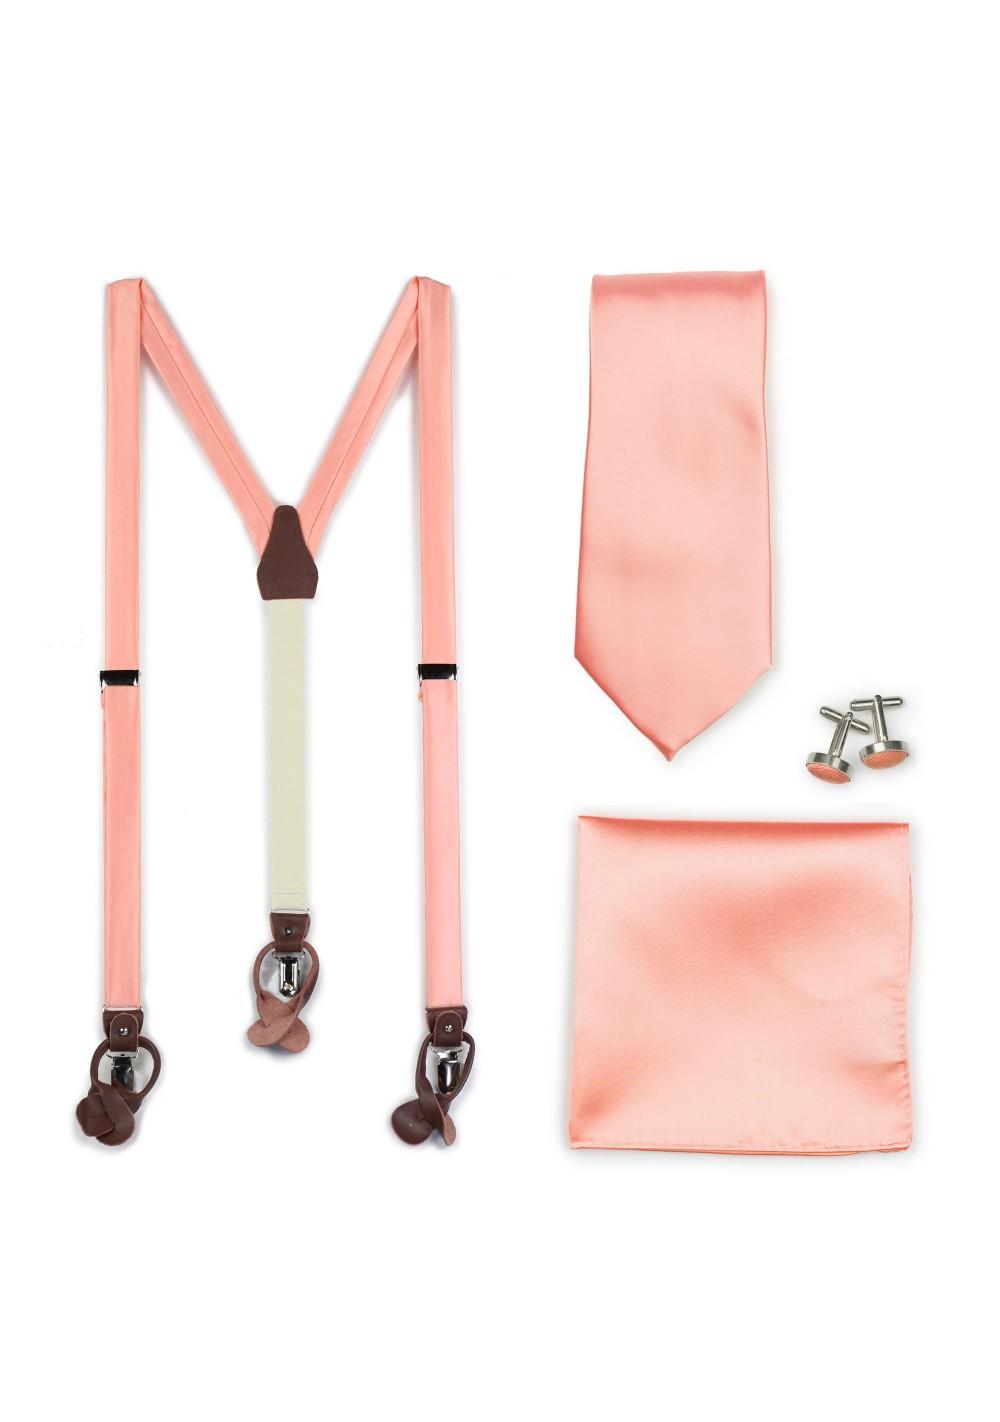 Tropical Peach Wedding Suspender and Necktie Set